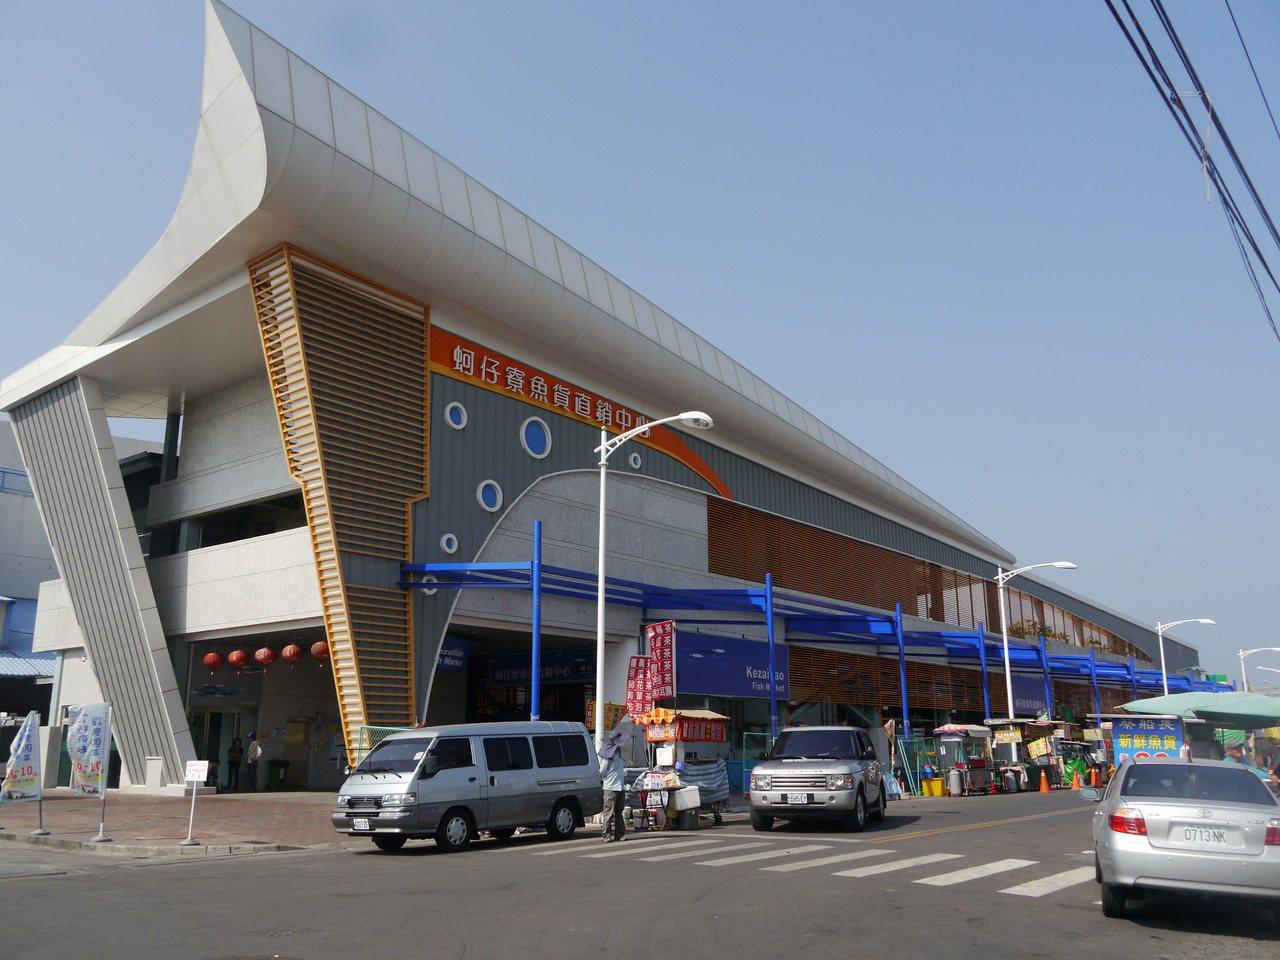 蚵仔寮魚市場去年整建完成,內含拍賣市場與零售市場。記者徐白櫻/攝影